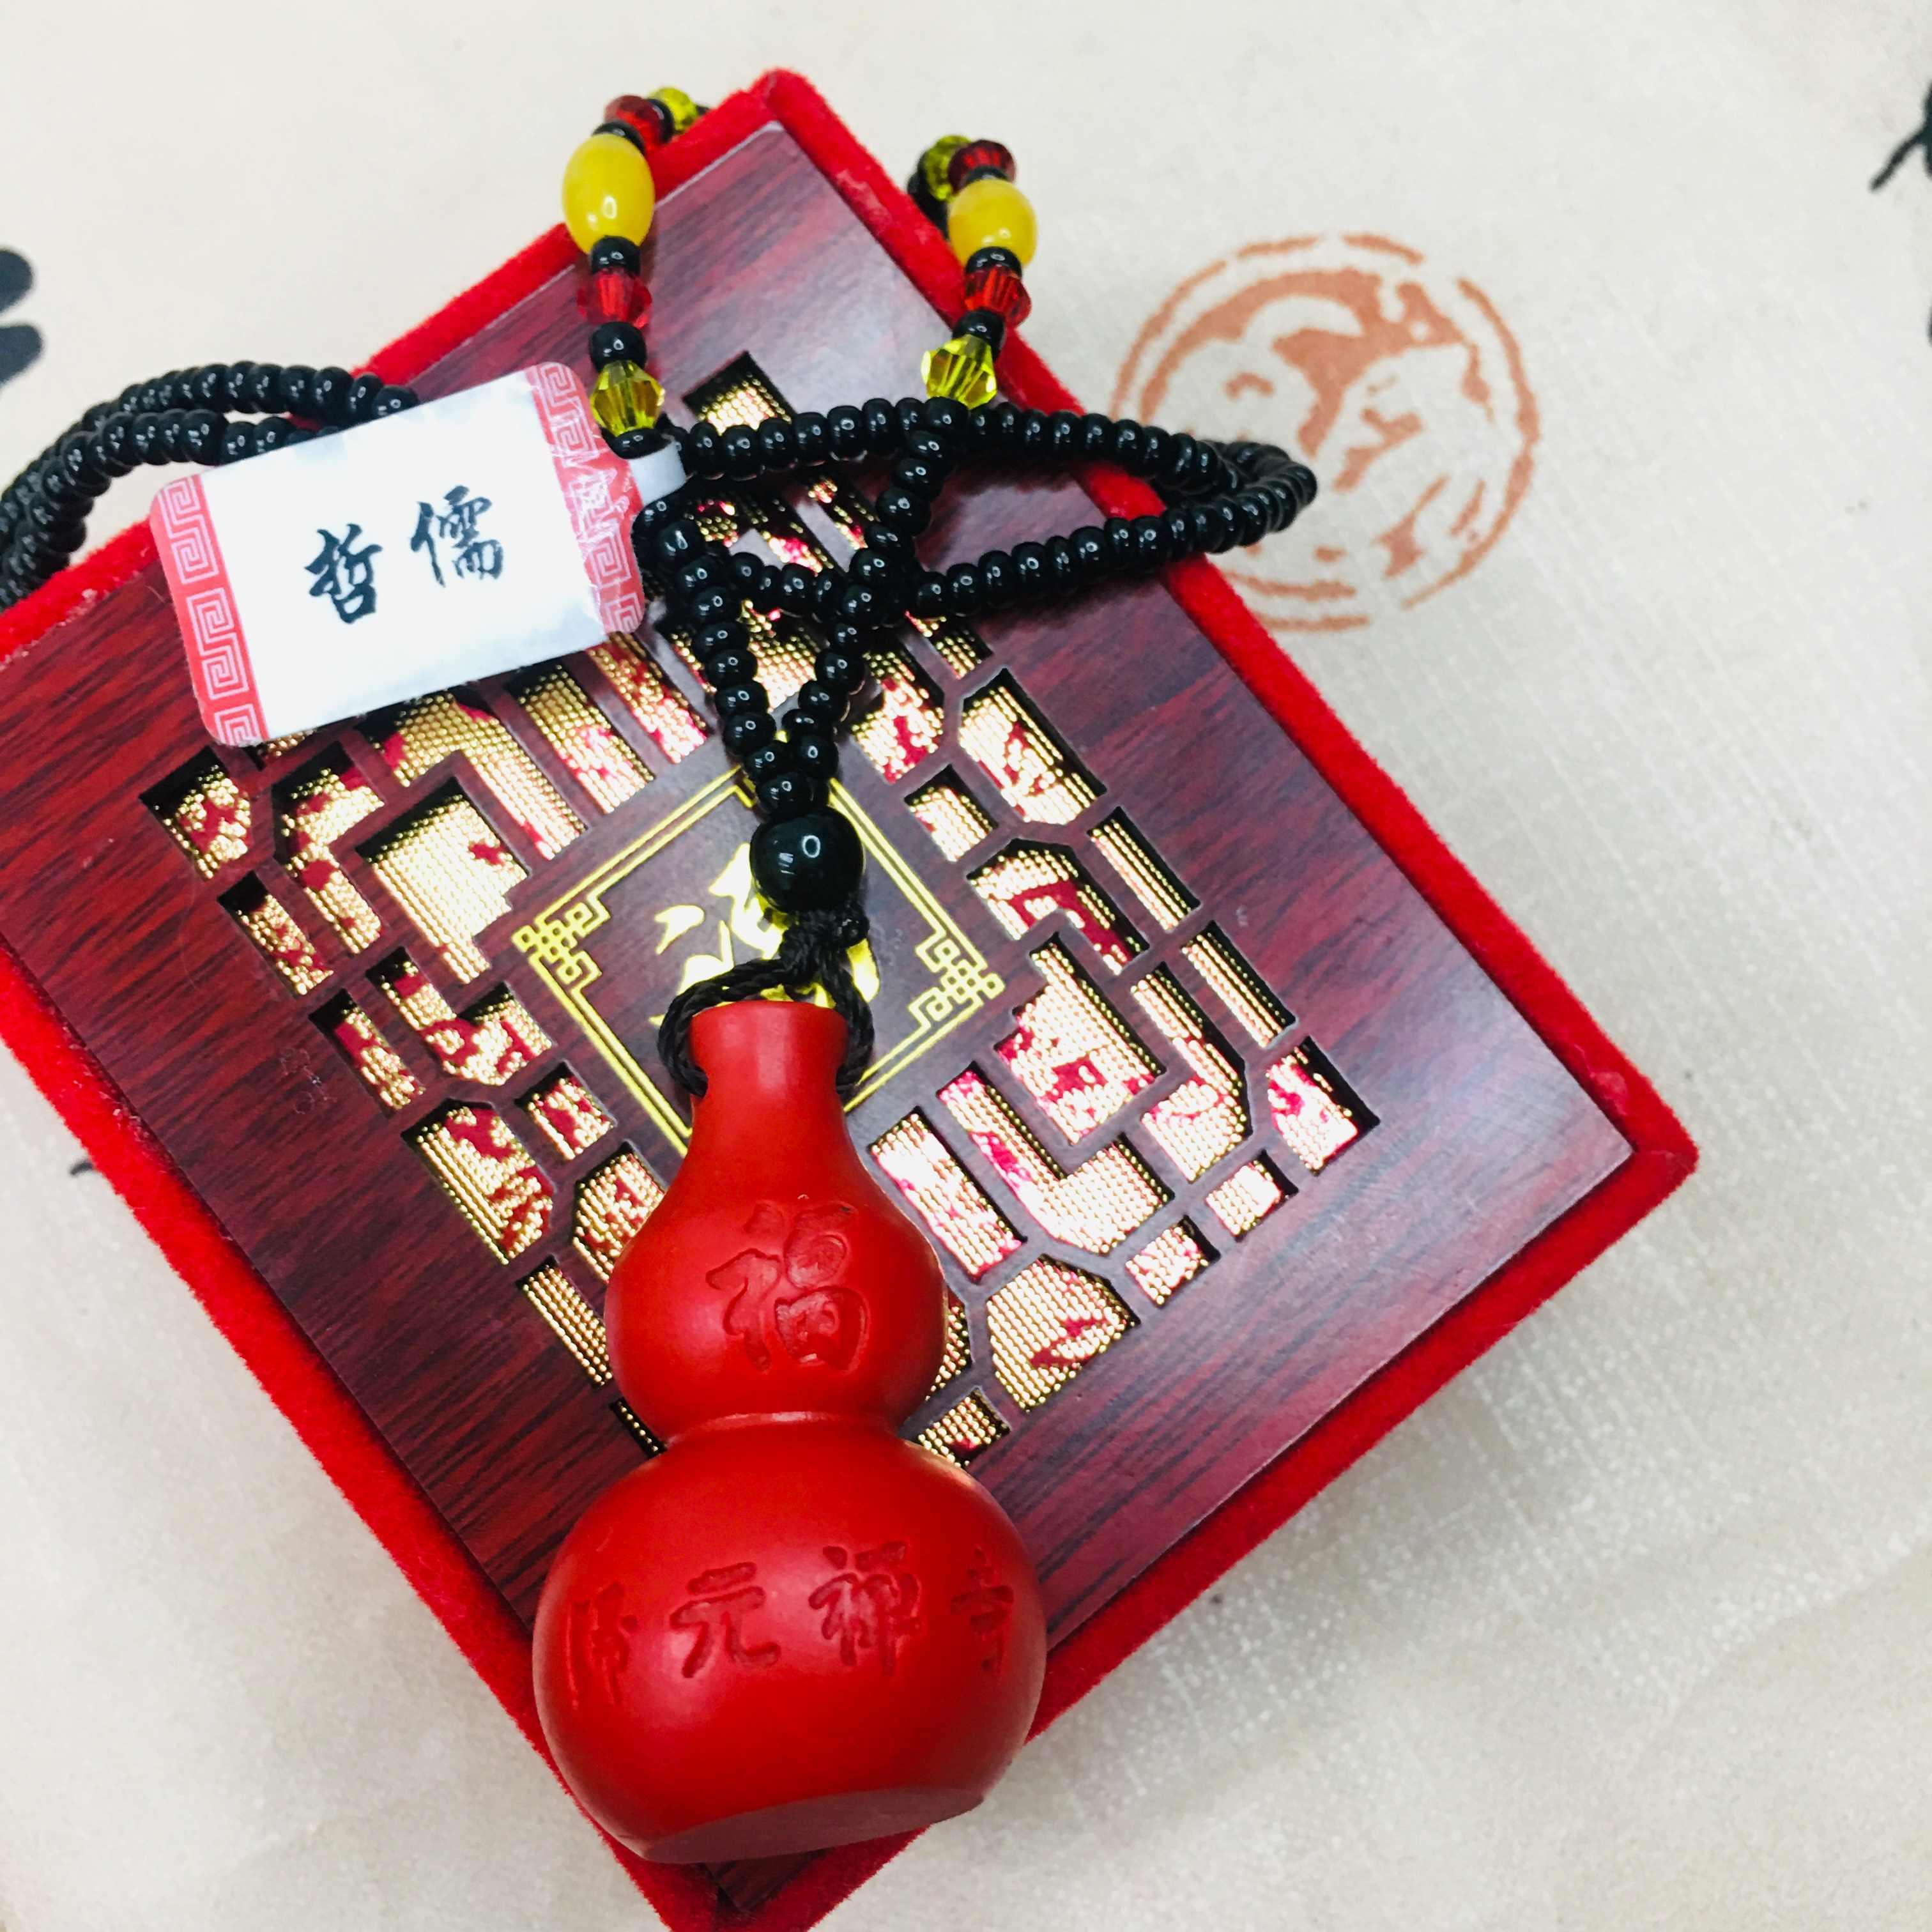 Zheru 天然朱色彫赤ひょうたんペンダント 2 色ビーズロープネックレス美しい男性と女性のセーターチェーン